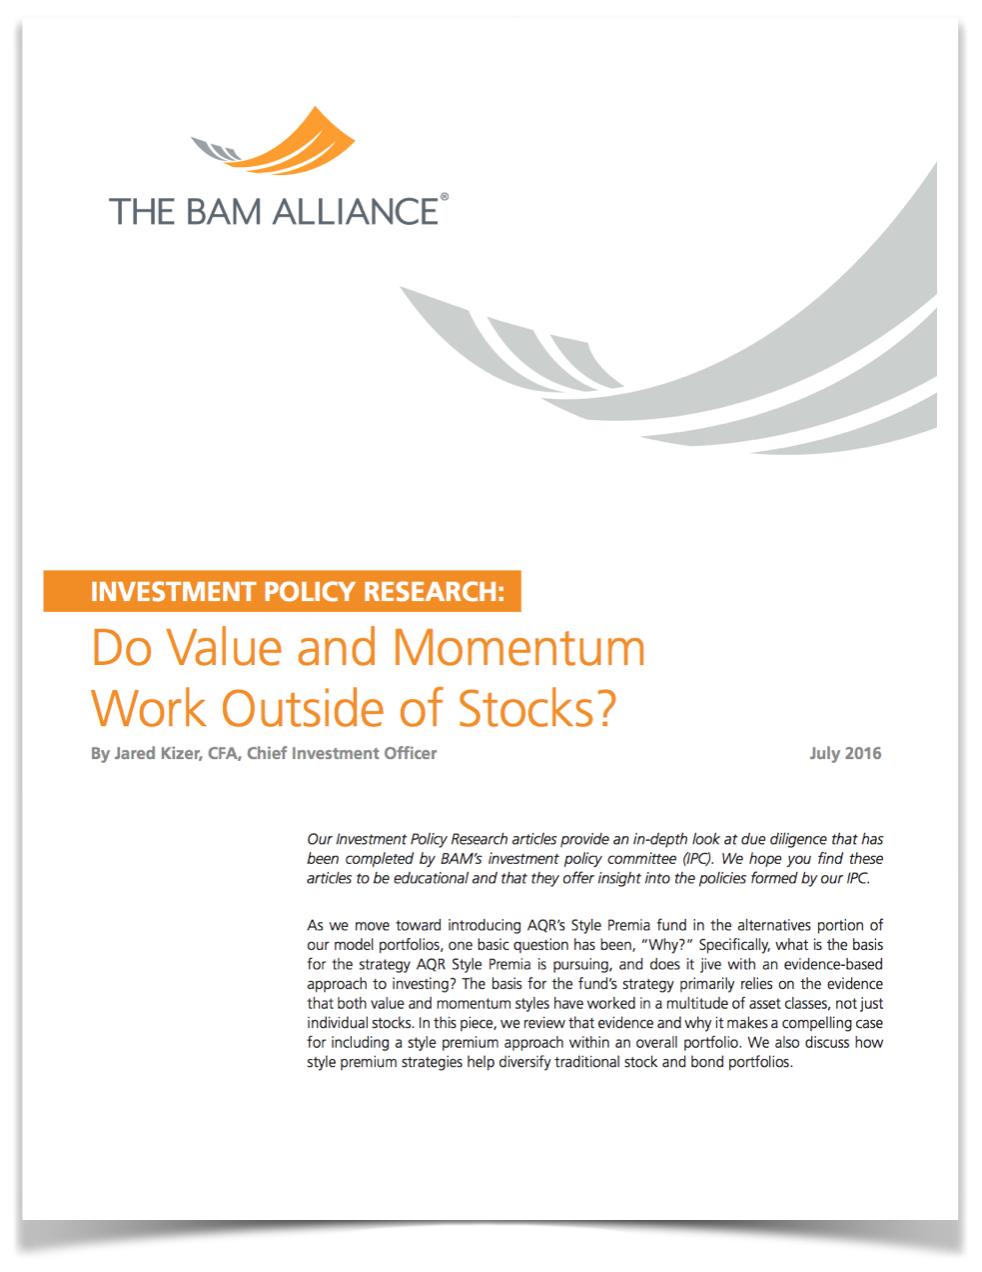 valueandmomentumworkoutsideofstocks